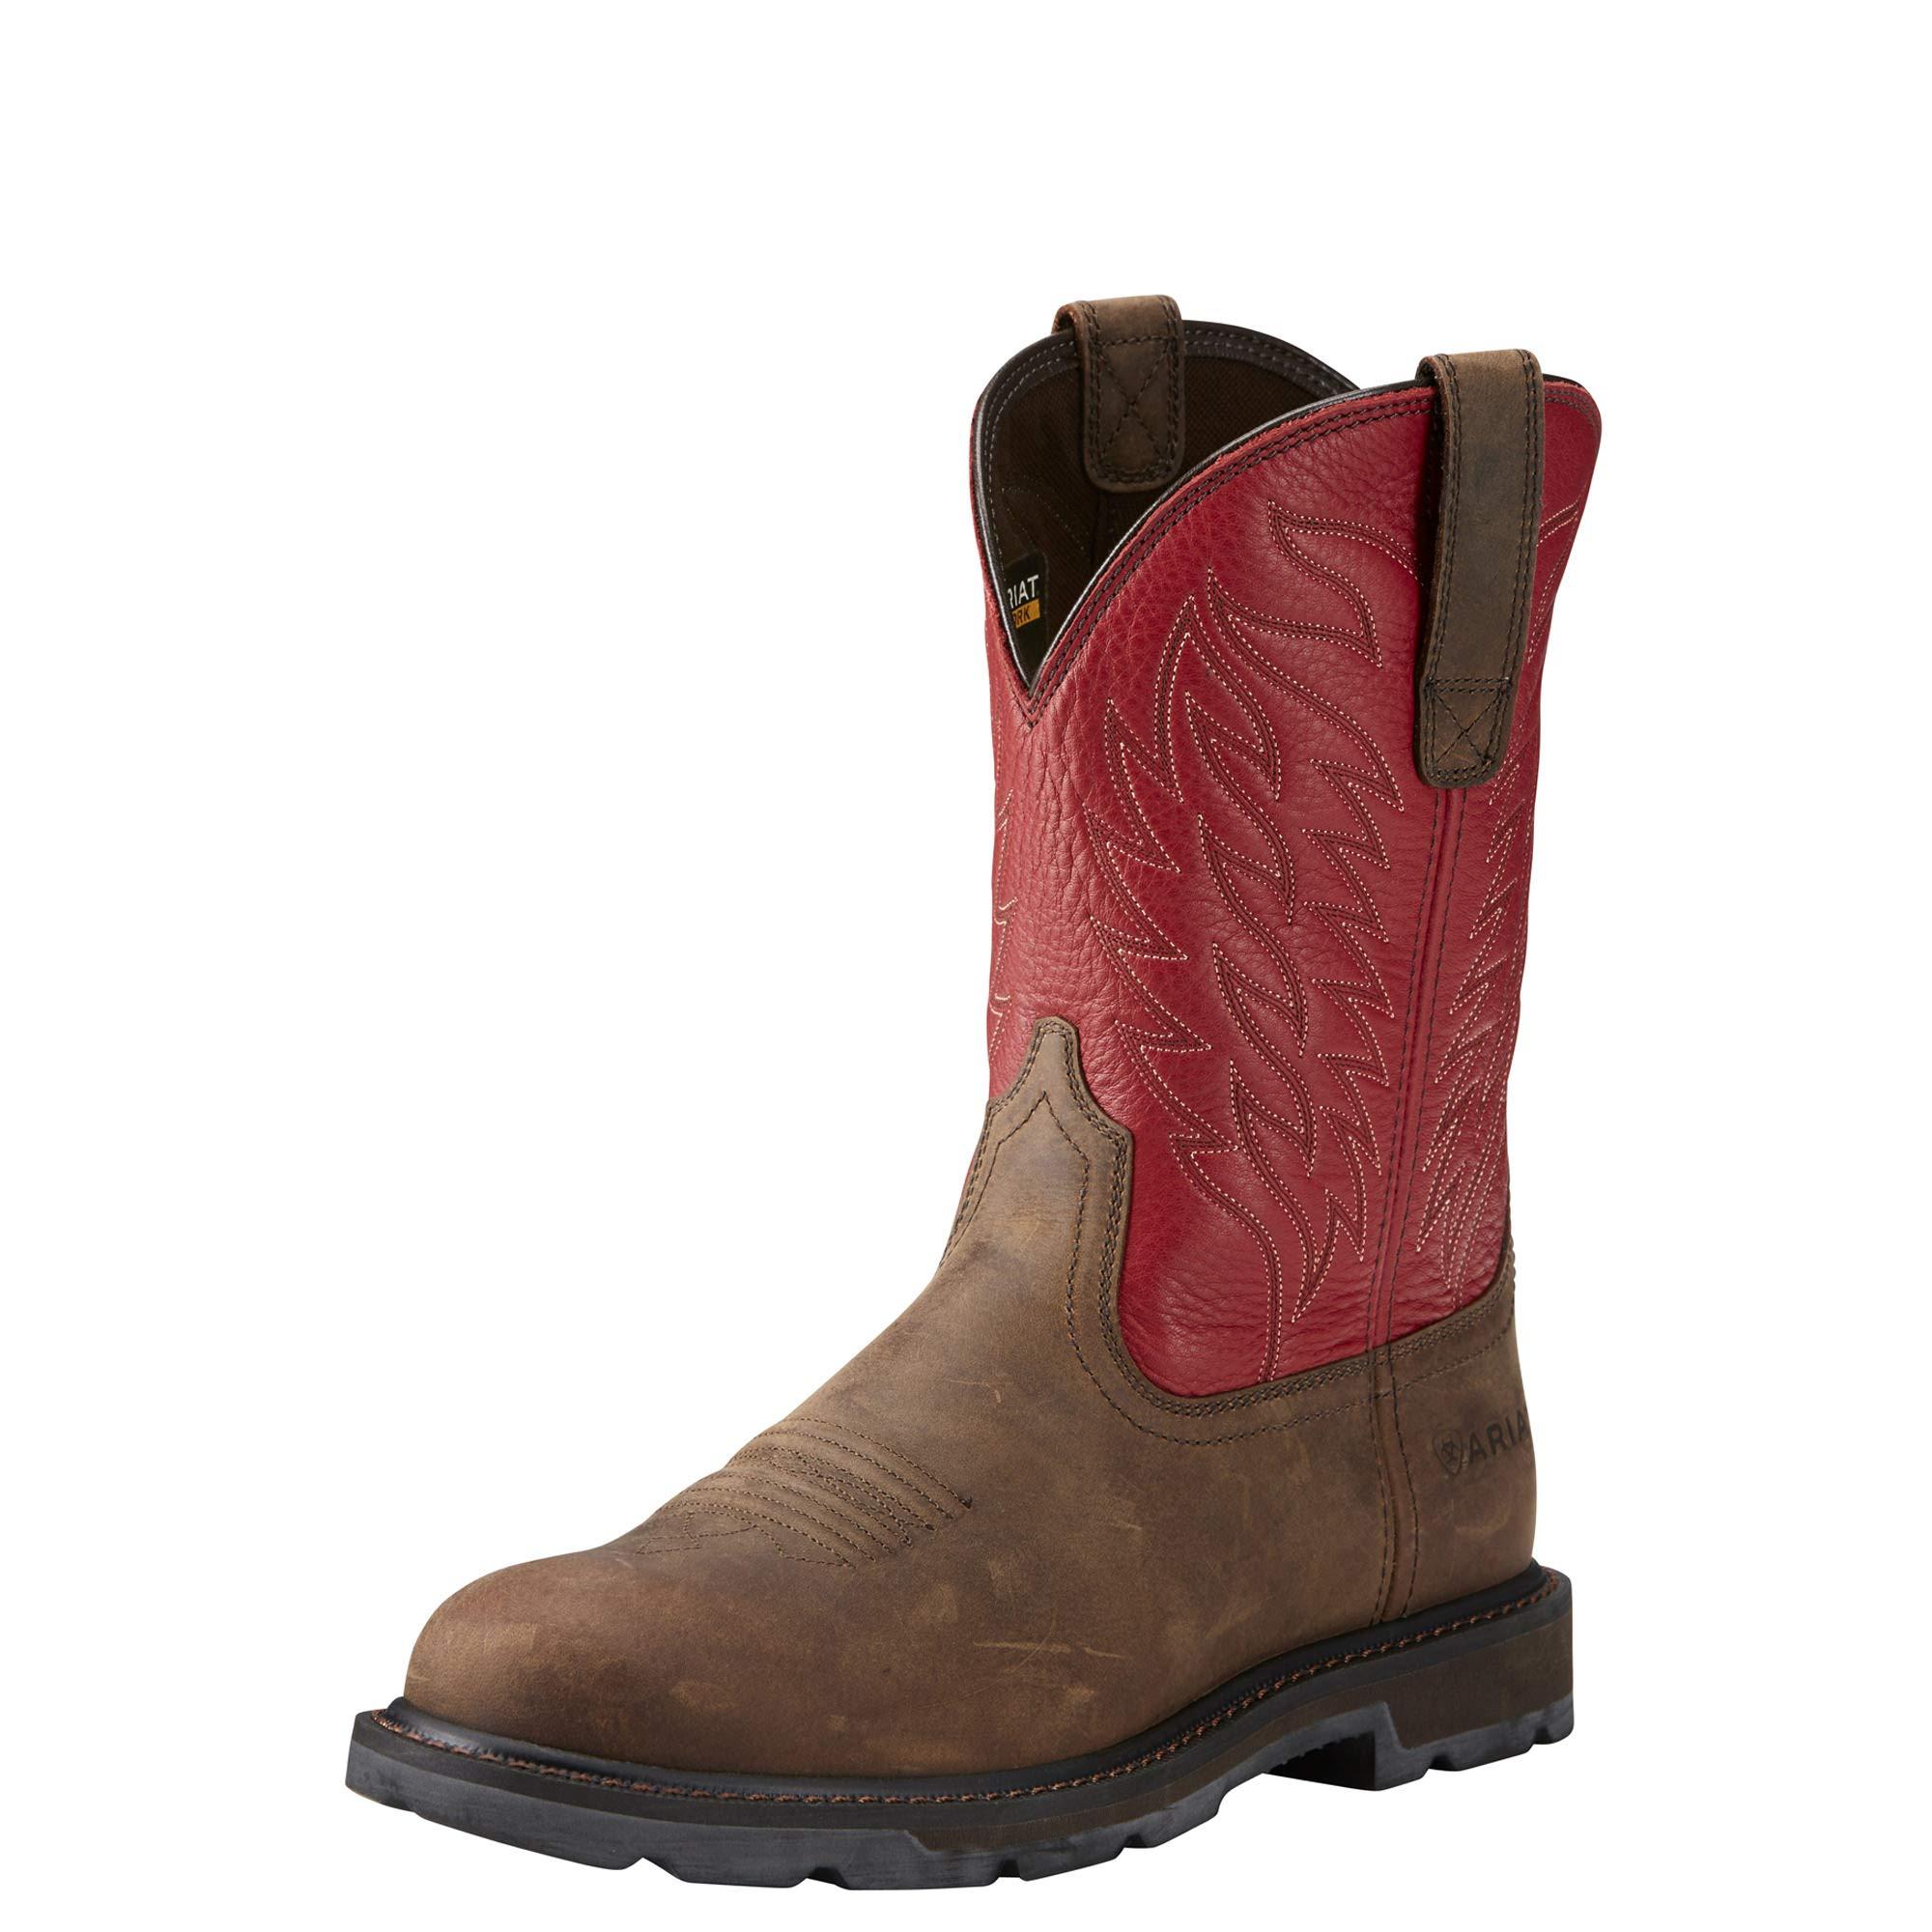 ARIAT Men's Groundbreaker Work Boot Red Size 11 M Us